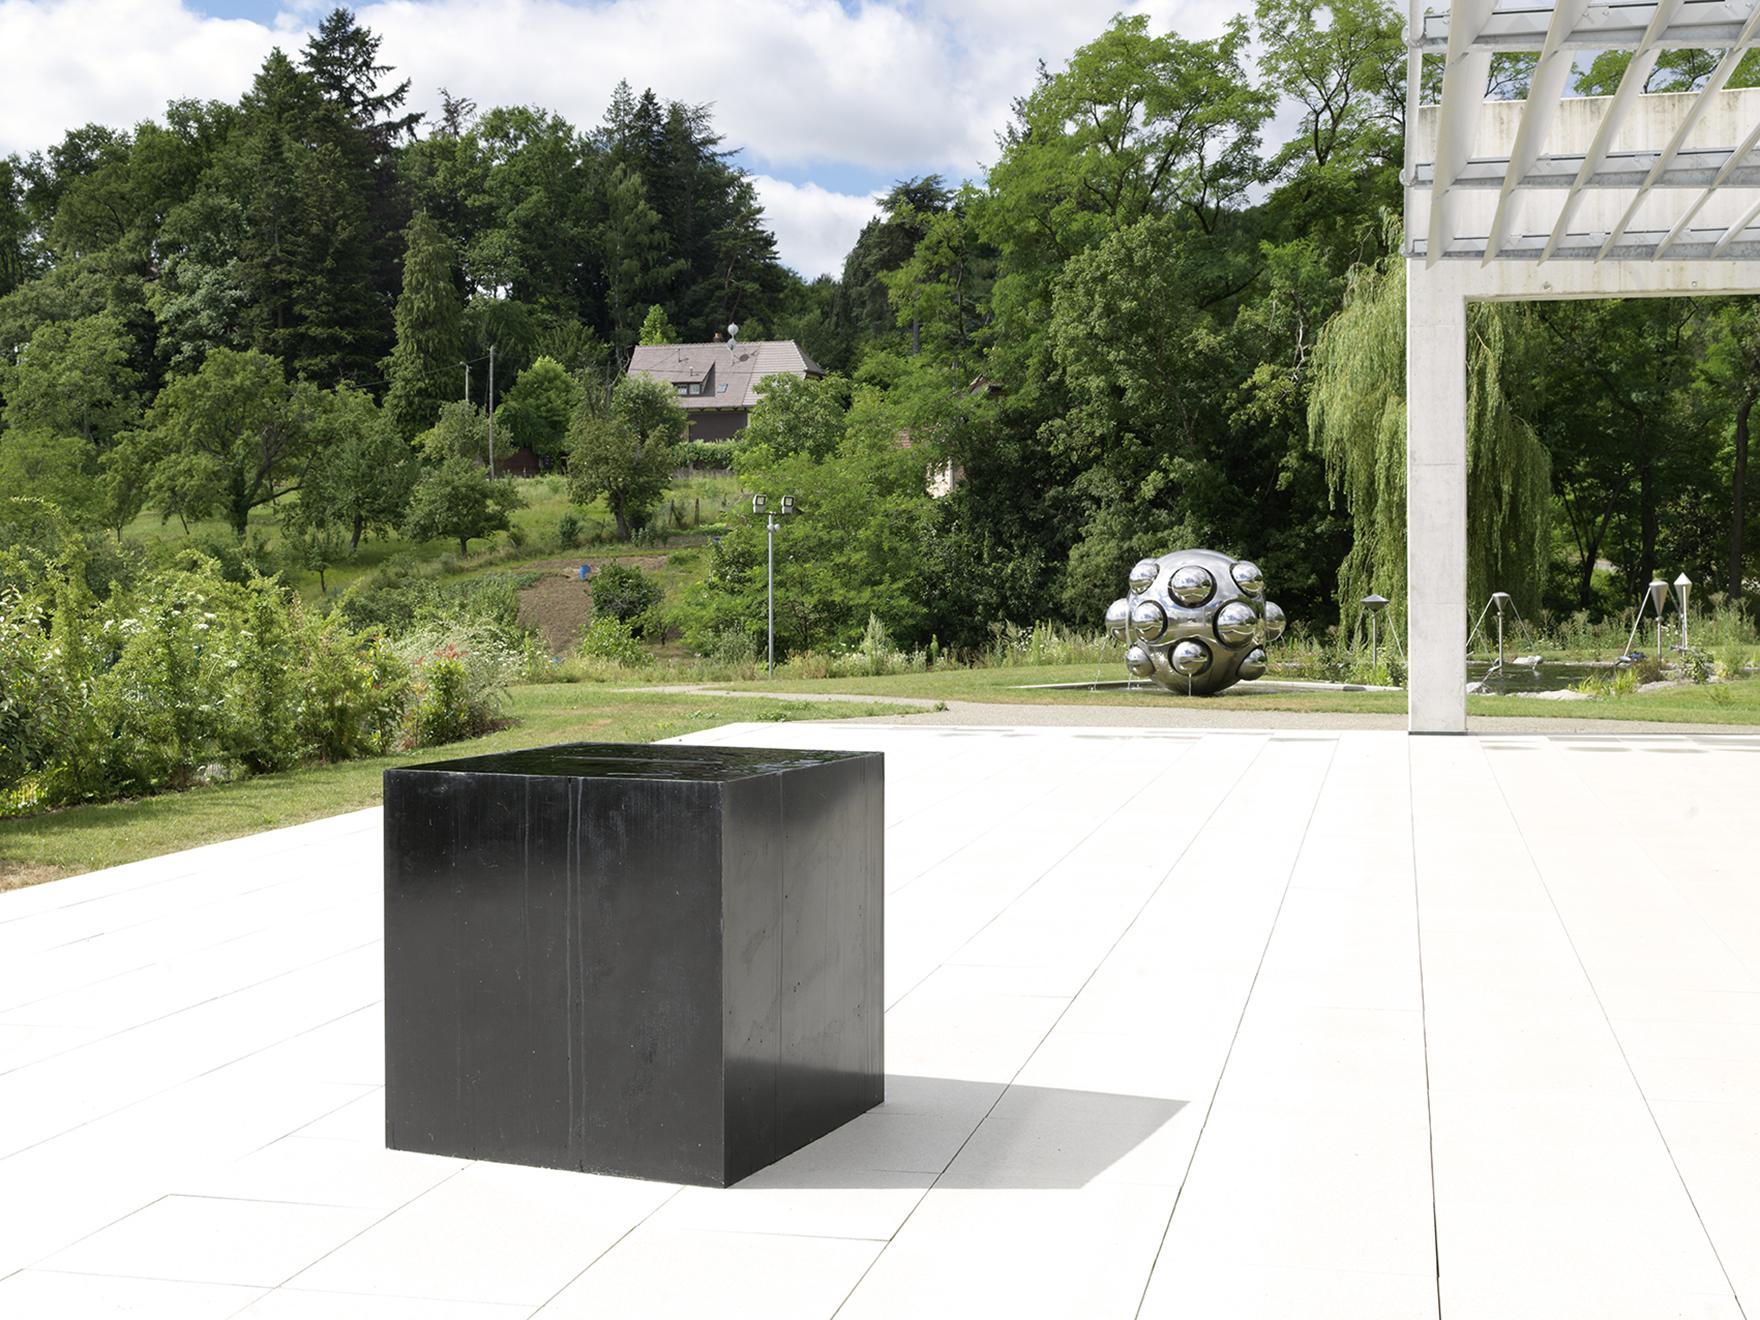 Défaut originaire, Lorella Abenavoli. Sculpture. Résine, eau, pompe, 1m. x 1m. x 1m., 2013, Collection Fondation François Schneider, photo: ©André Morin